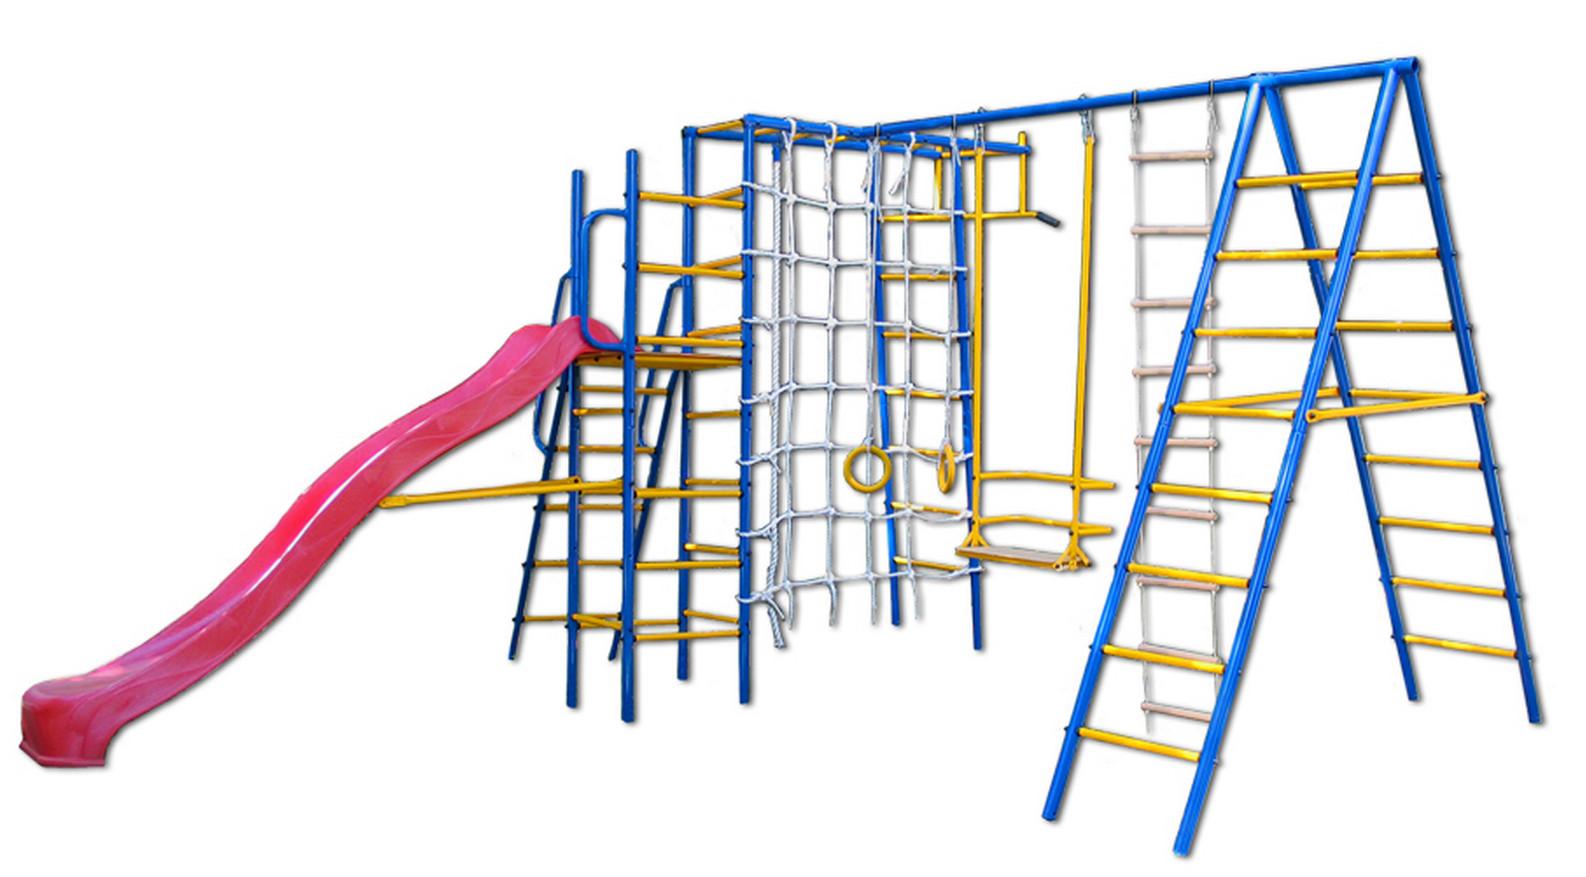 Детская игровая площадка Kampfer Total Playground от Дом Спорта